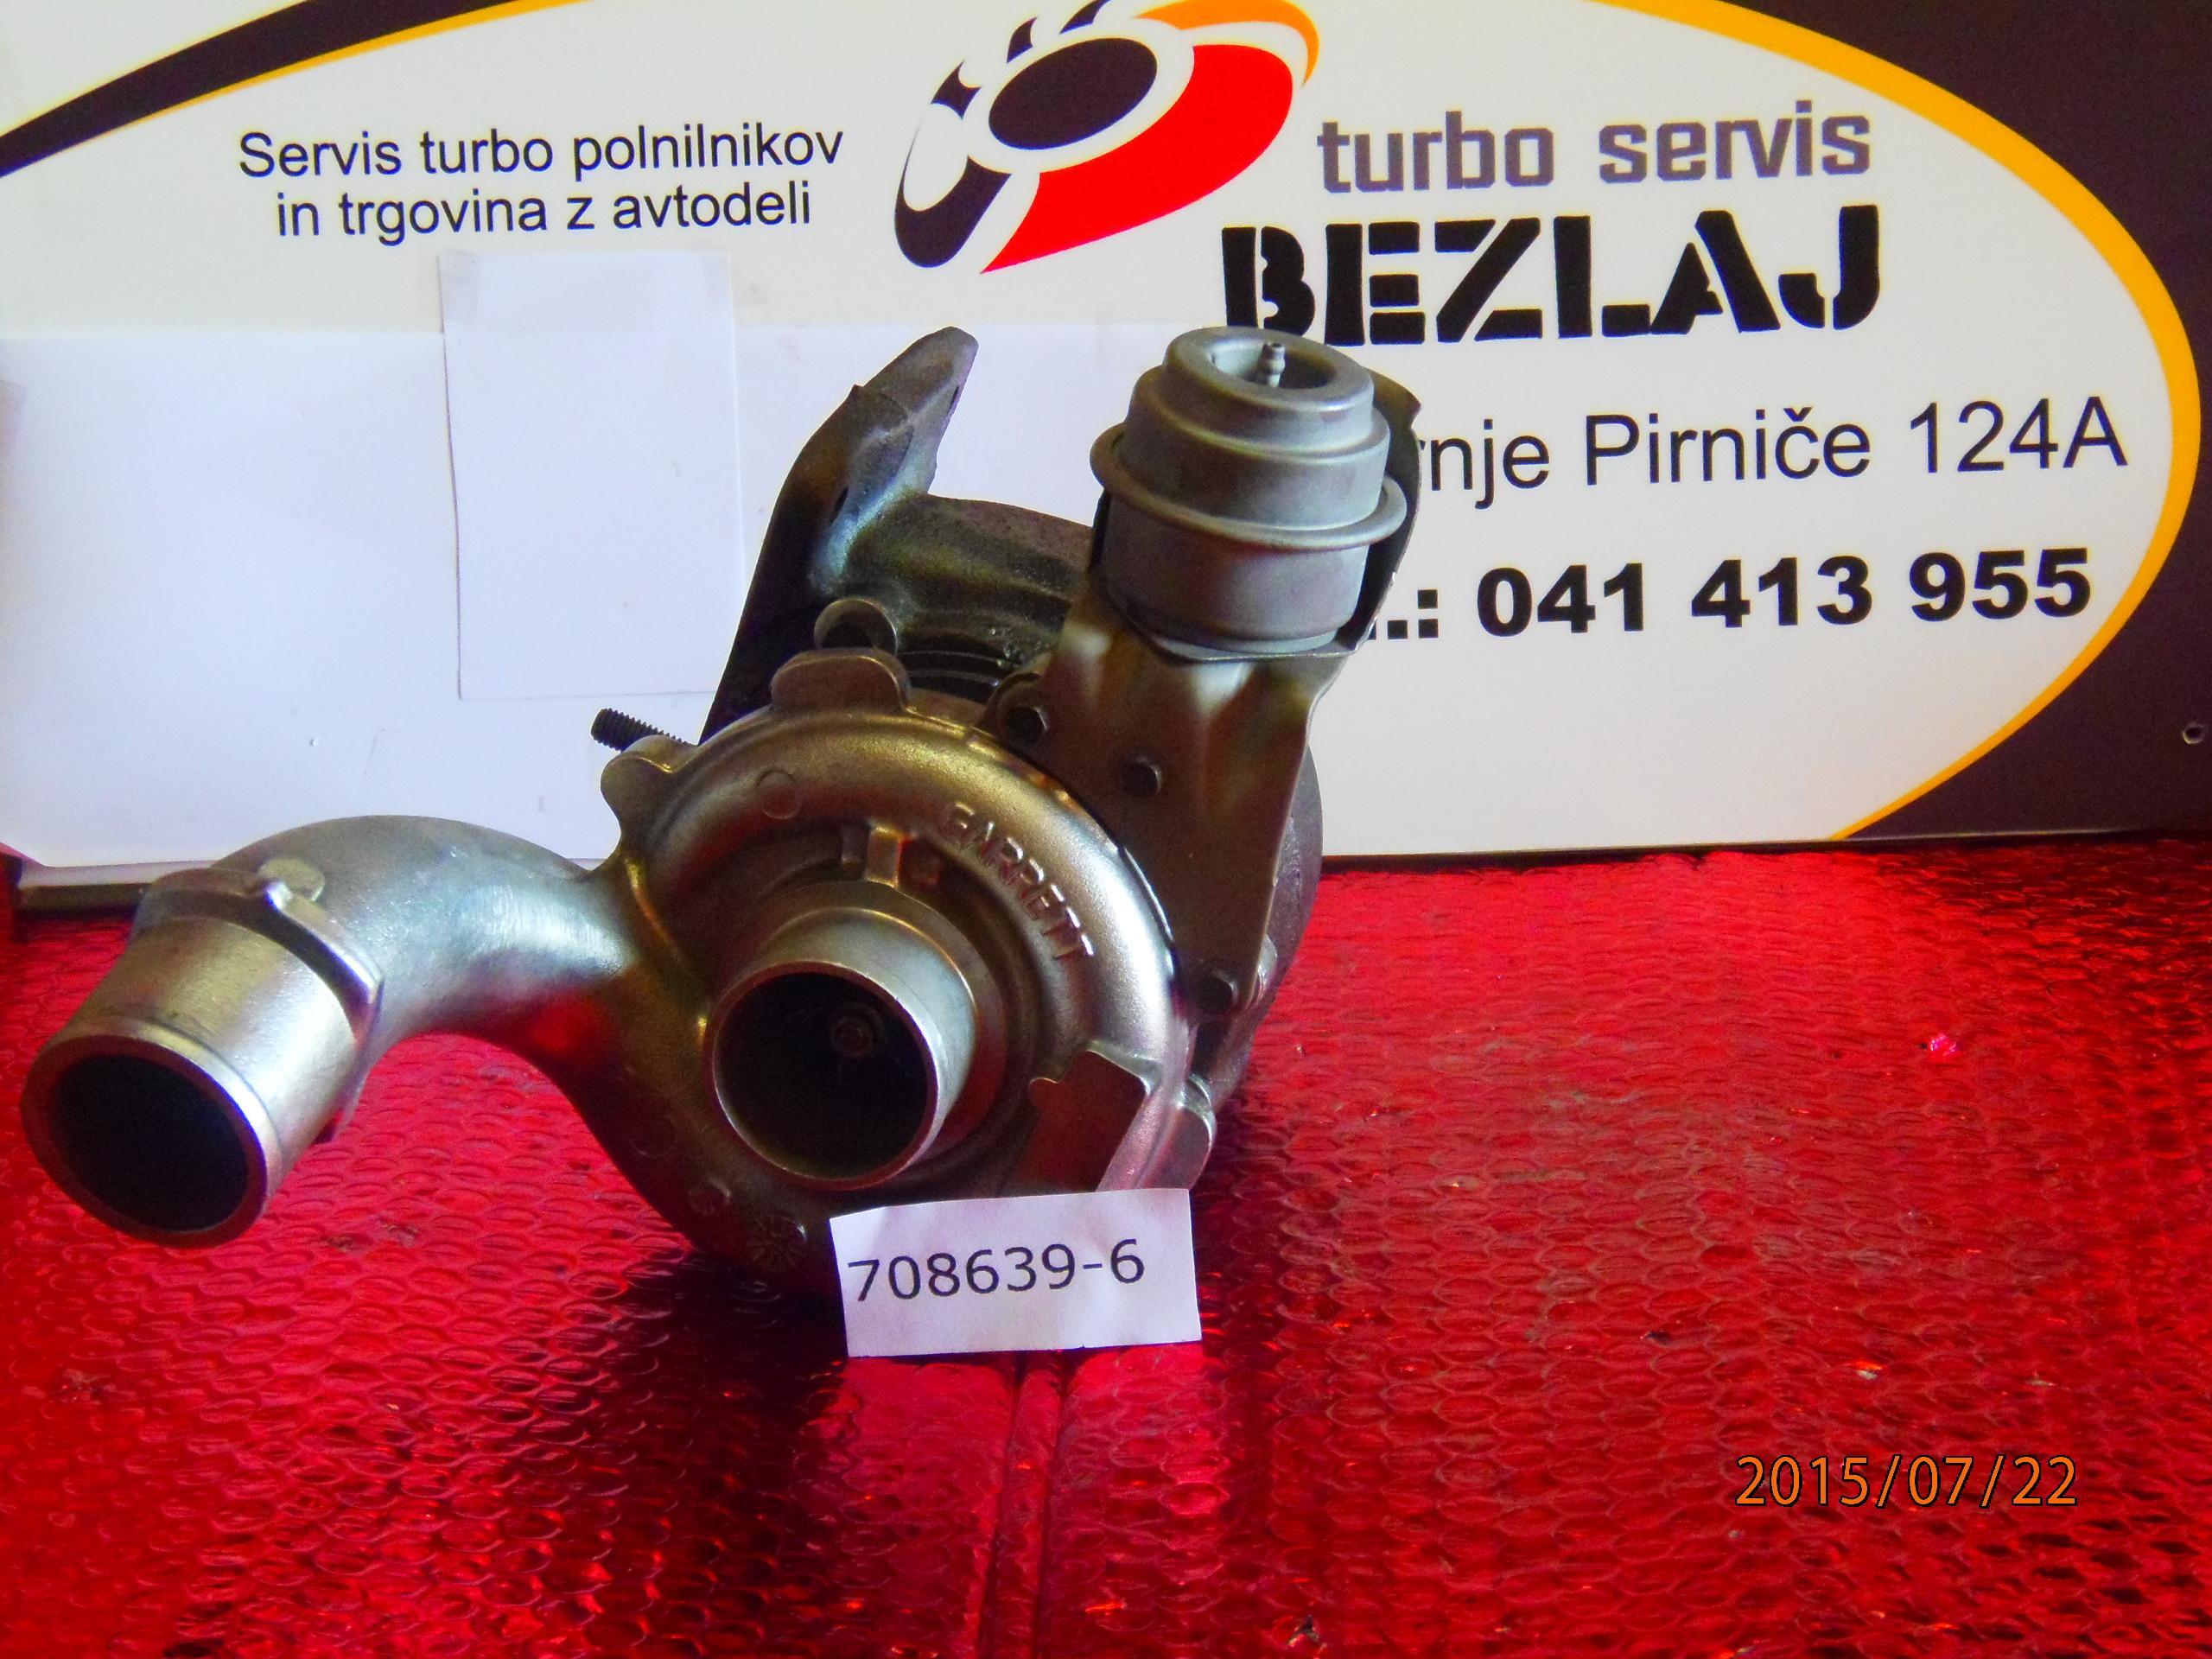 turbo708639-6 (2)